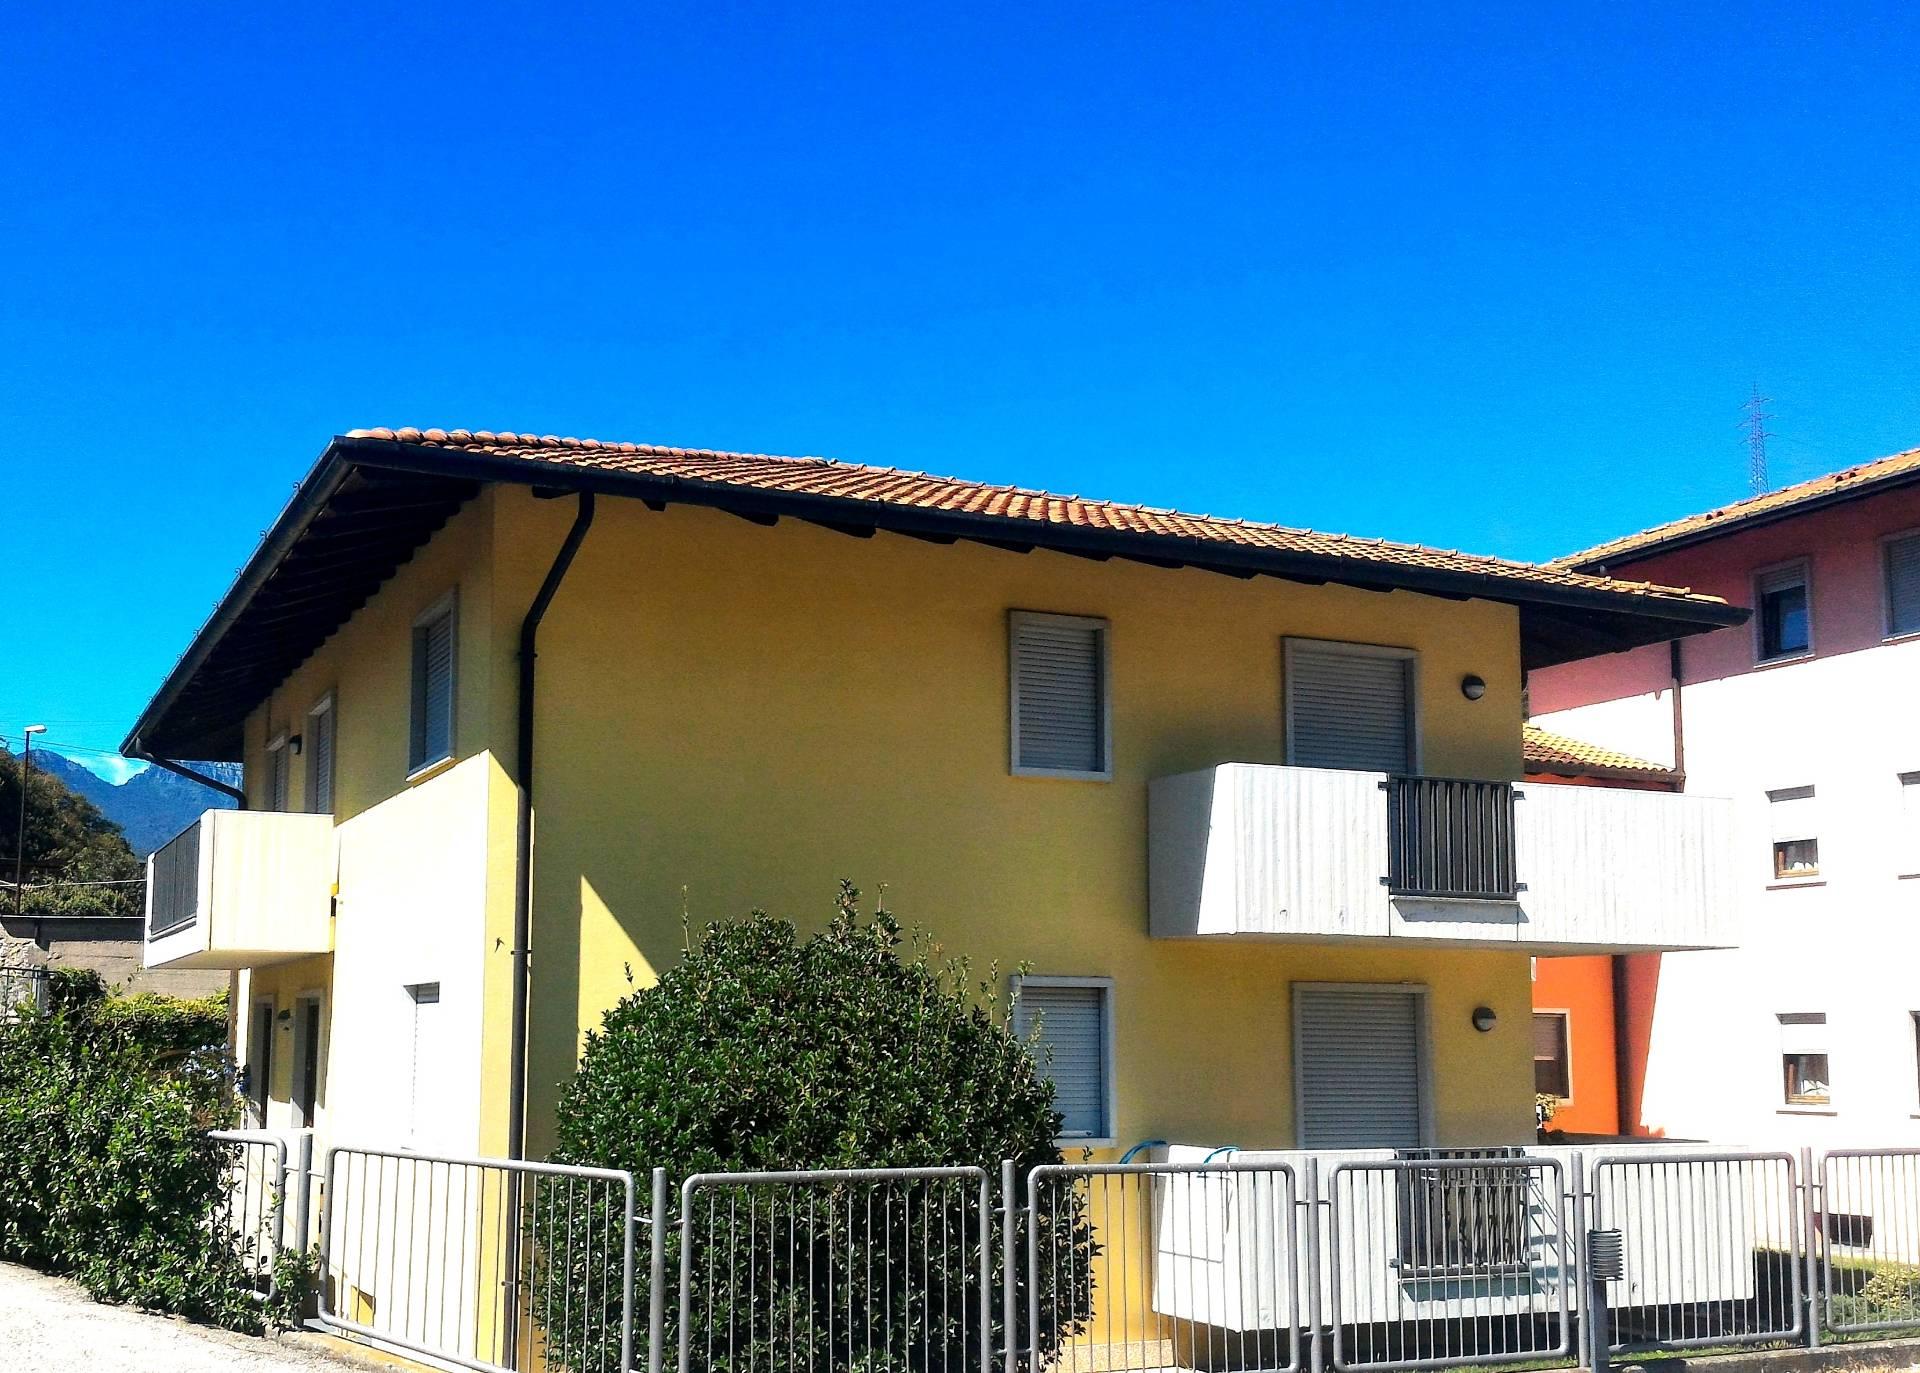 Appartamento in vendita a Nago-Torbole, 4 locali, zona Zona: Nago, prezzo € 279.000 | Cambio Casa.it